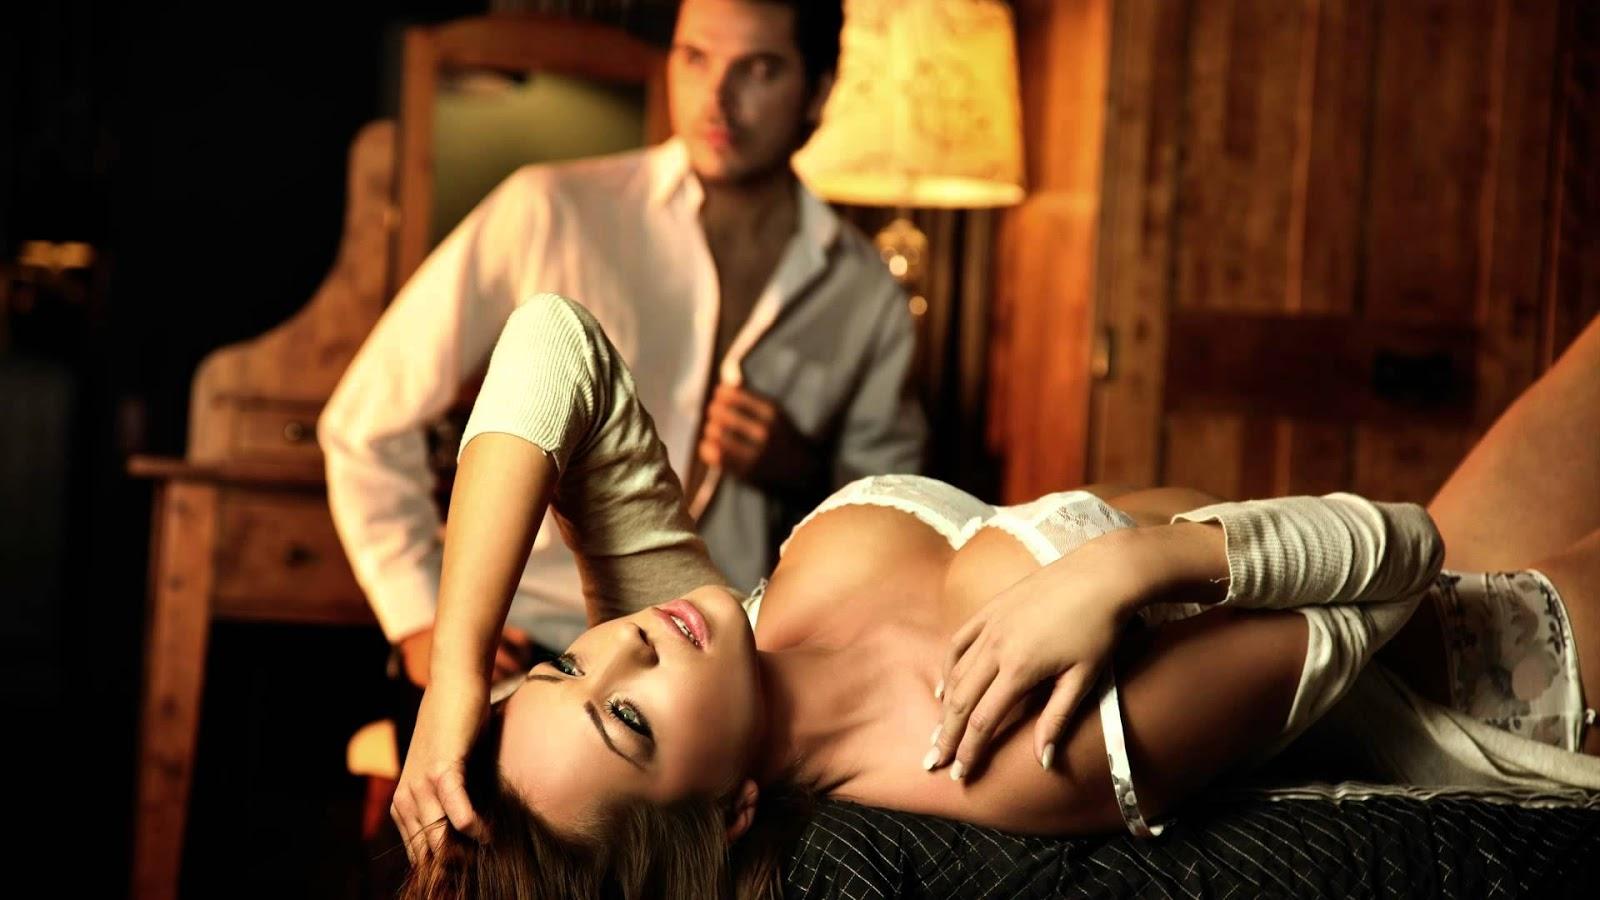 Секс в троём мужчина мужчина и женщина позы, Гид по сексу втроём: Как его организовать, чтобы всем 10 фотография